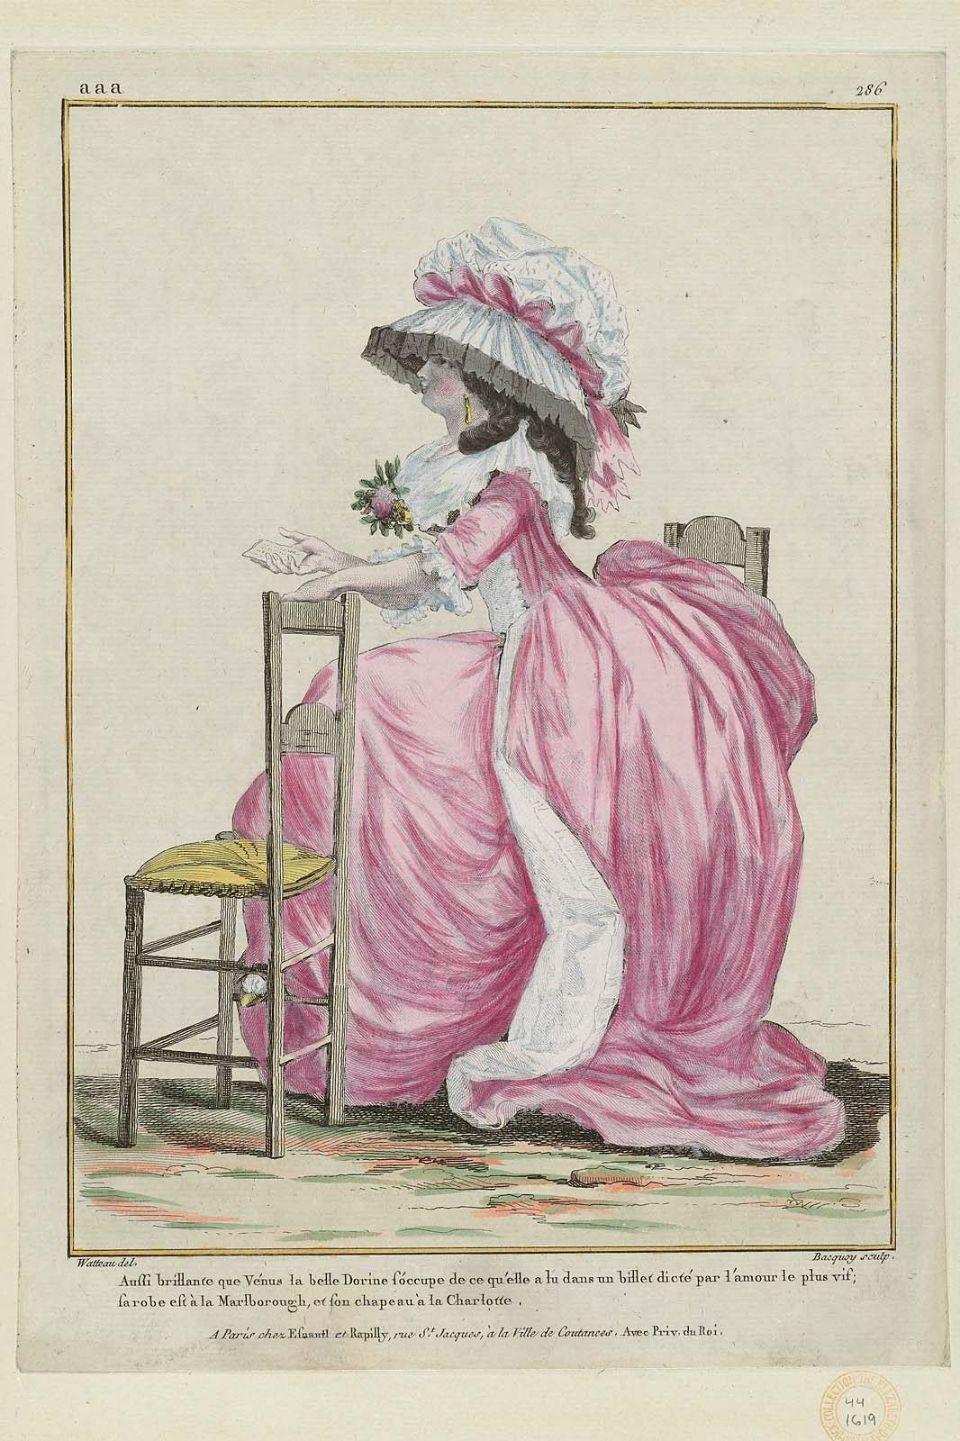 1785 aussi brillante que v nus la belle dorine s 39 occupe de ce qu 39 elle lu dans un billet dict. Black Bedroom Furniture Sets. Home Design Ideas